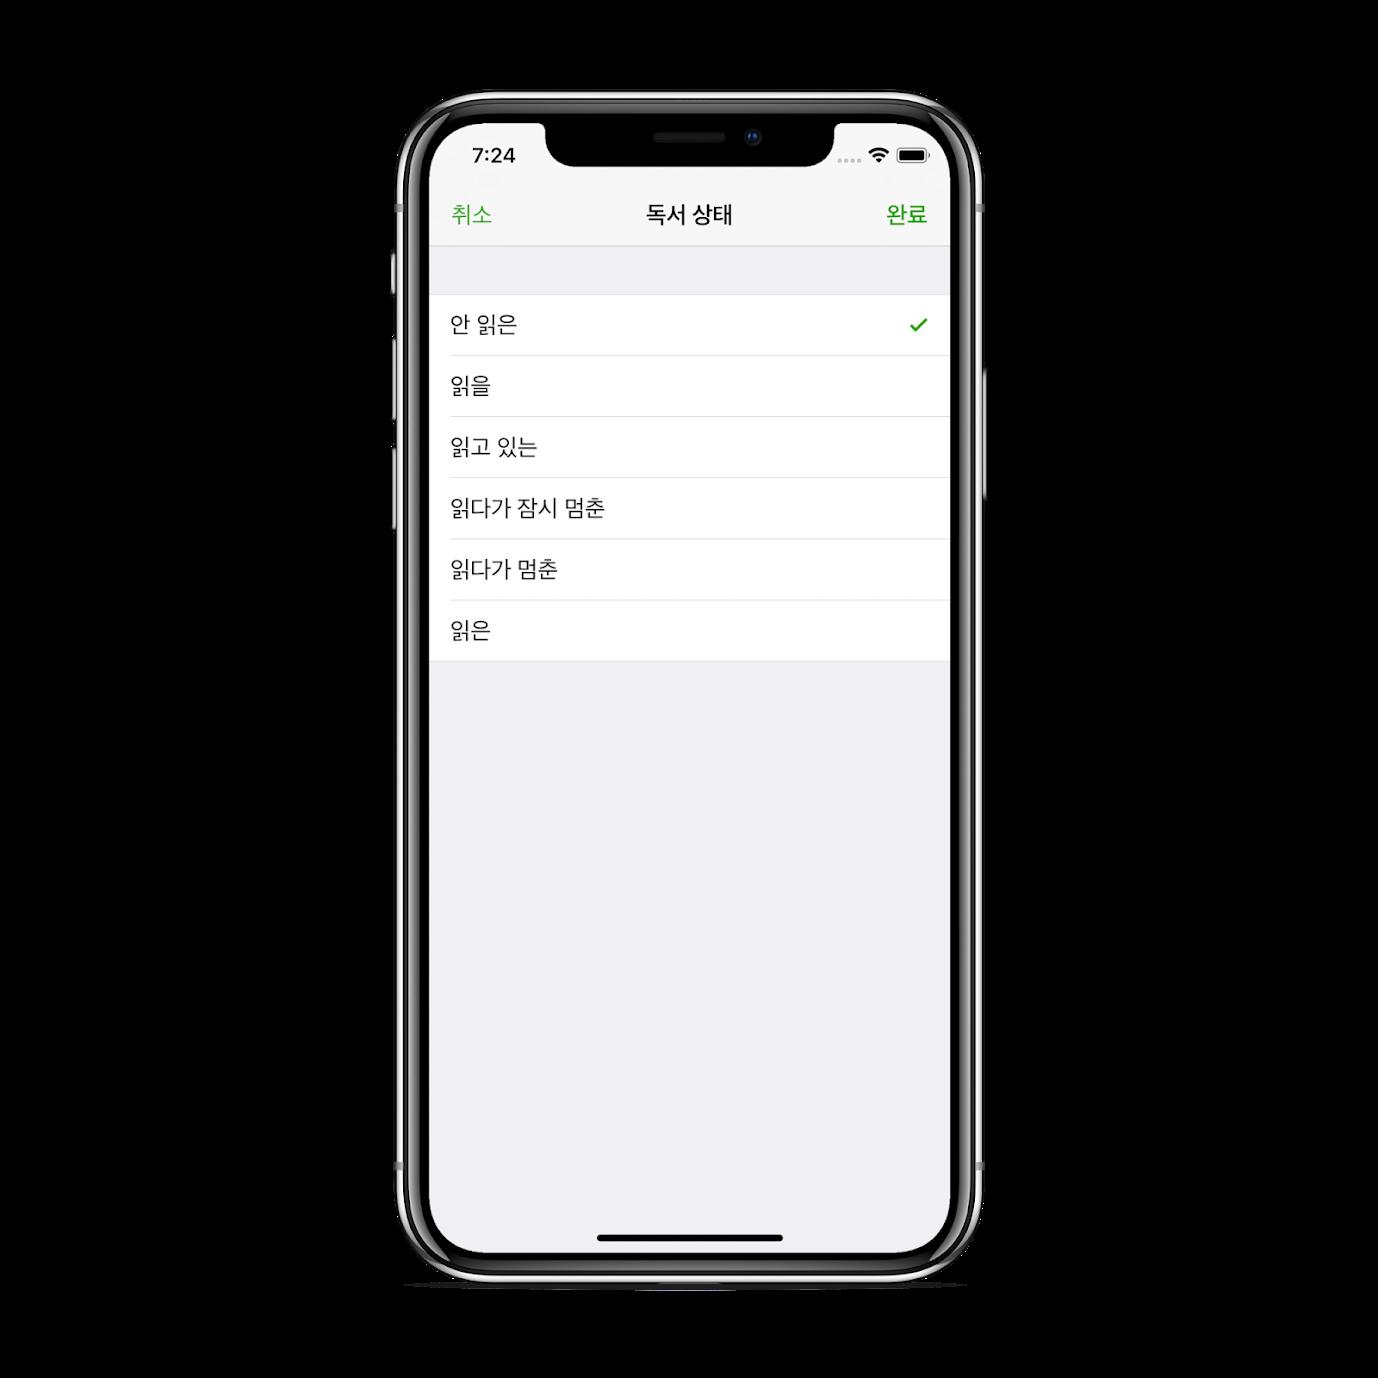 북트리 책 정보 독서 상태 수정